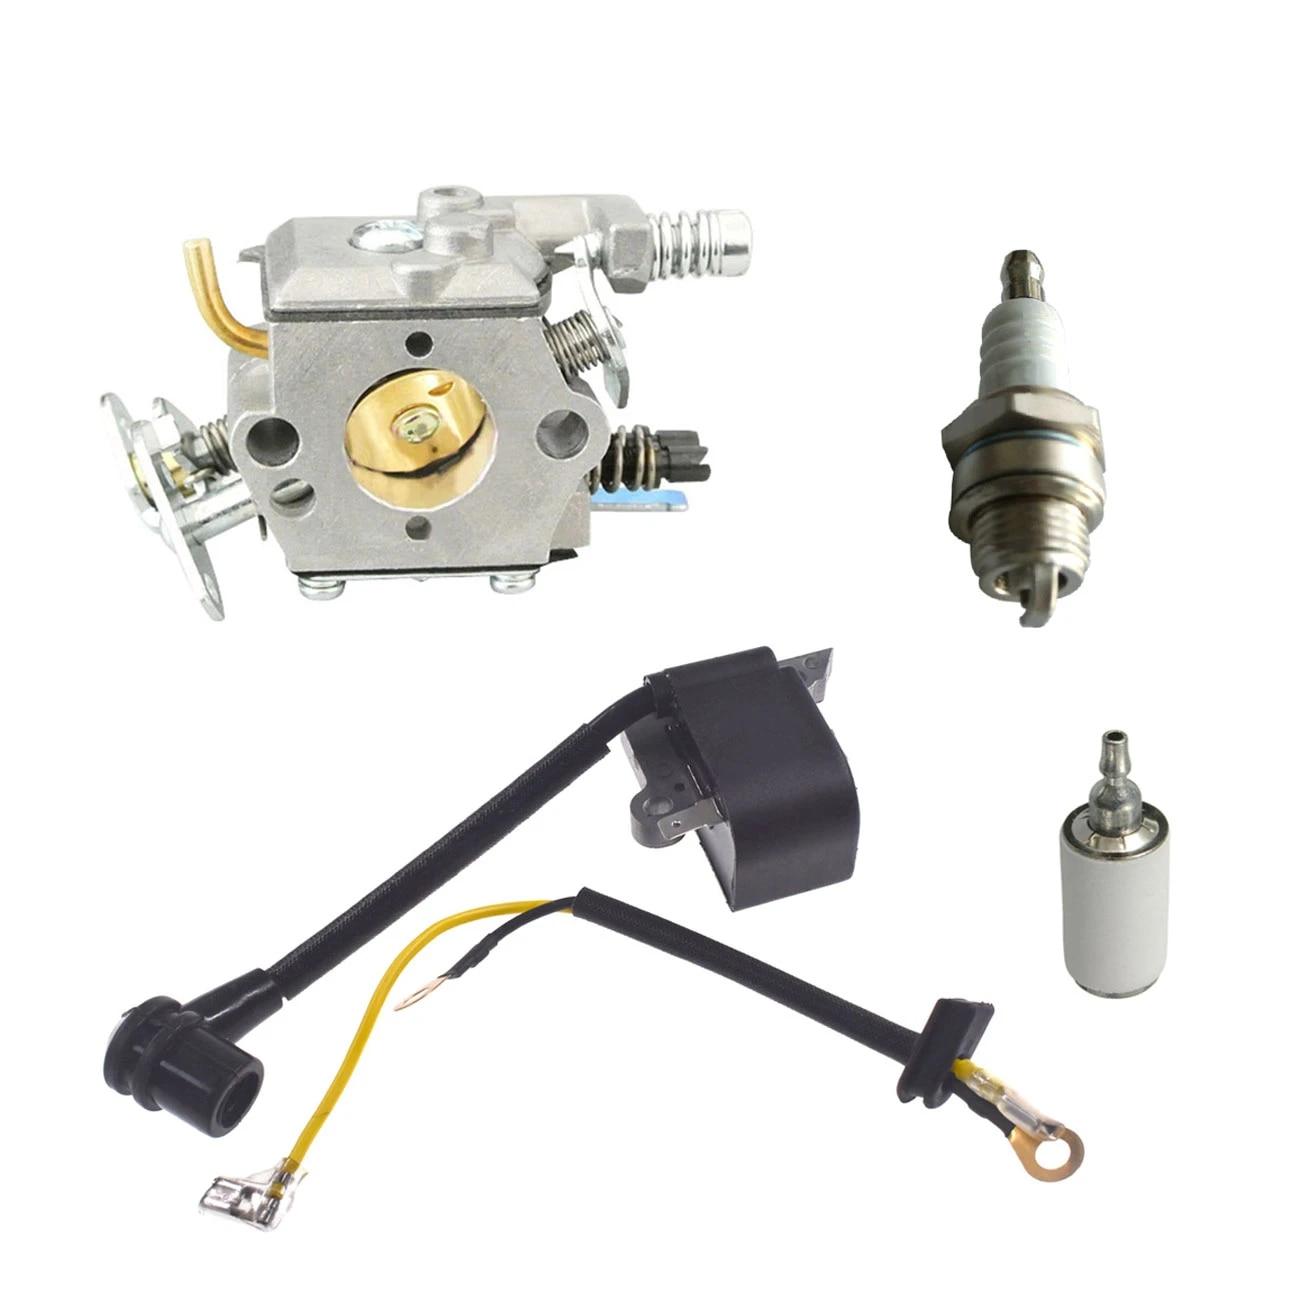 Carburetor FOR Husqvarna 41 36 136 137 137E 141 Chainsaw Zama C1Q-W29E Carb